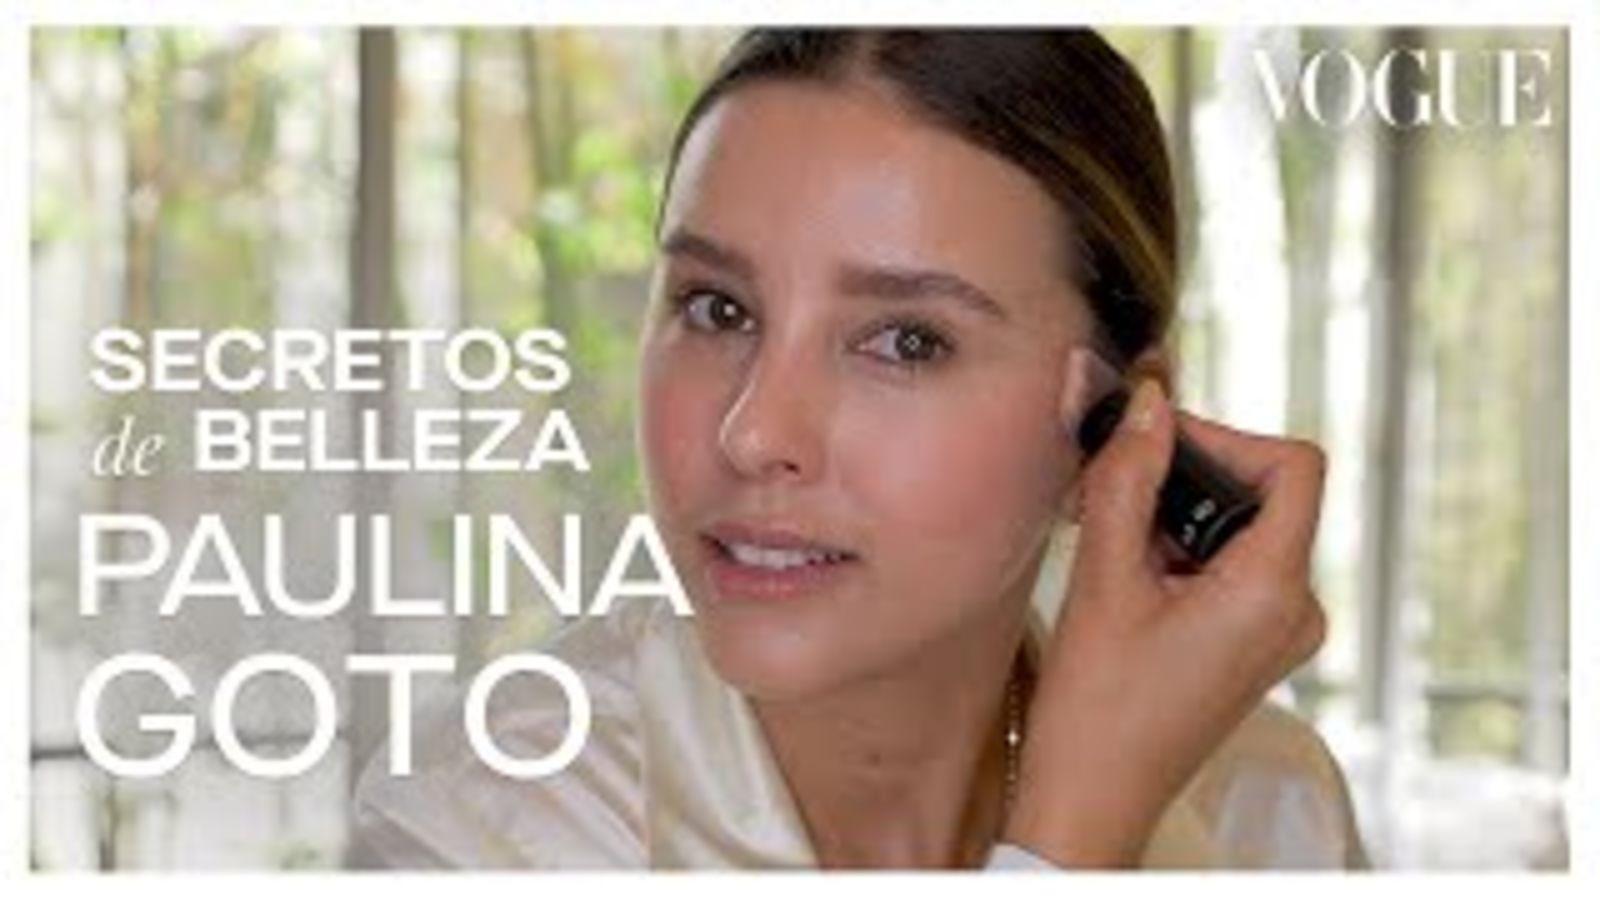 Paulina Goto: Sus secretos de belleza para amantes del maquillaje natural